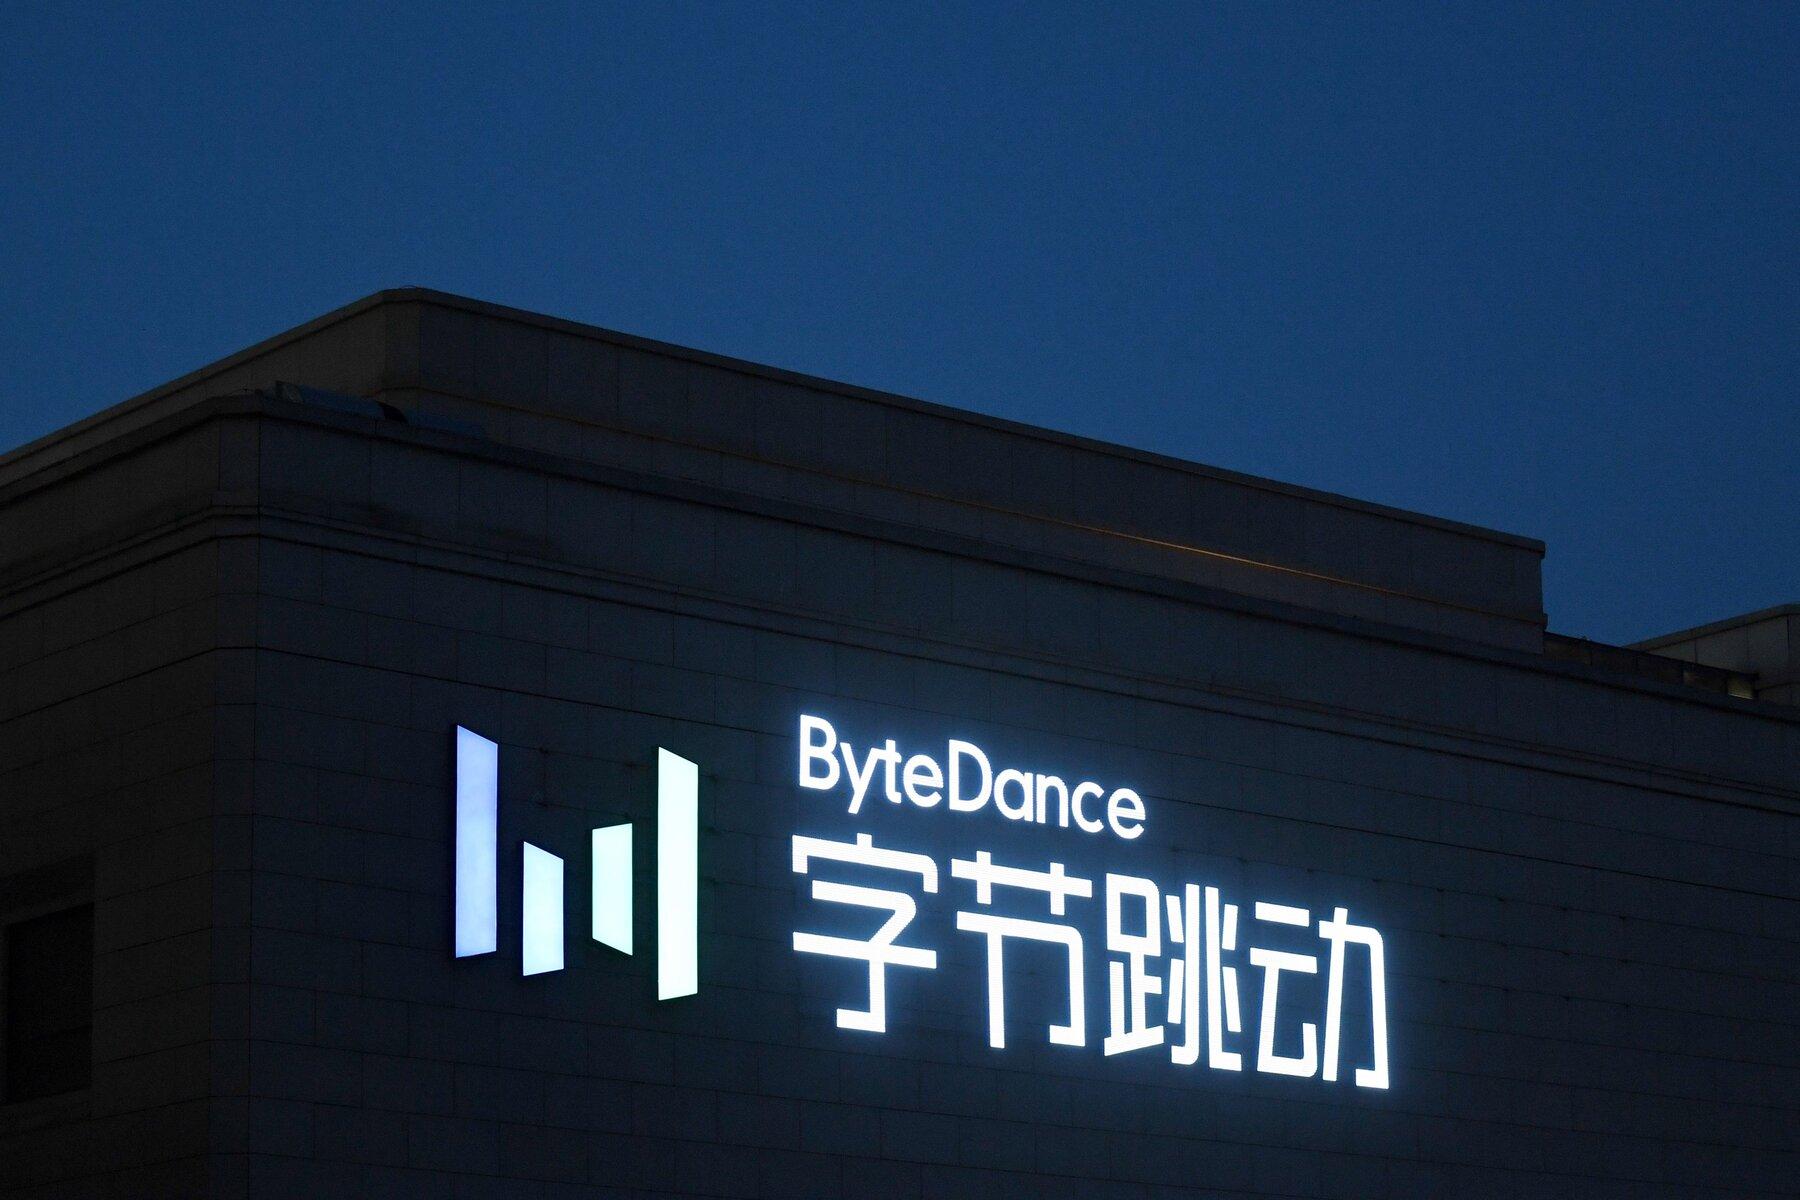 Годовая выручка ByteDance, владеющей TikTok, удвоилась и достигла $35 млрд